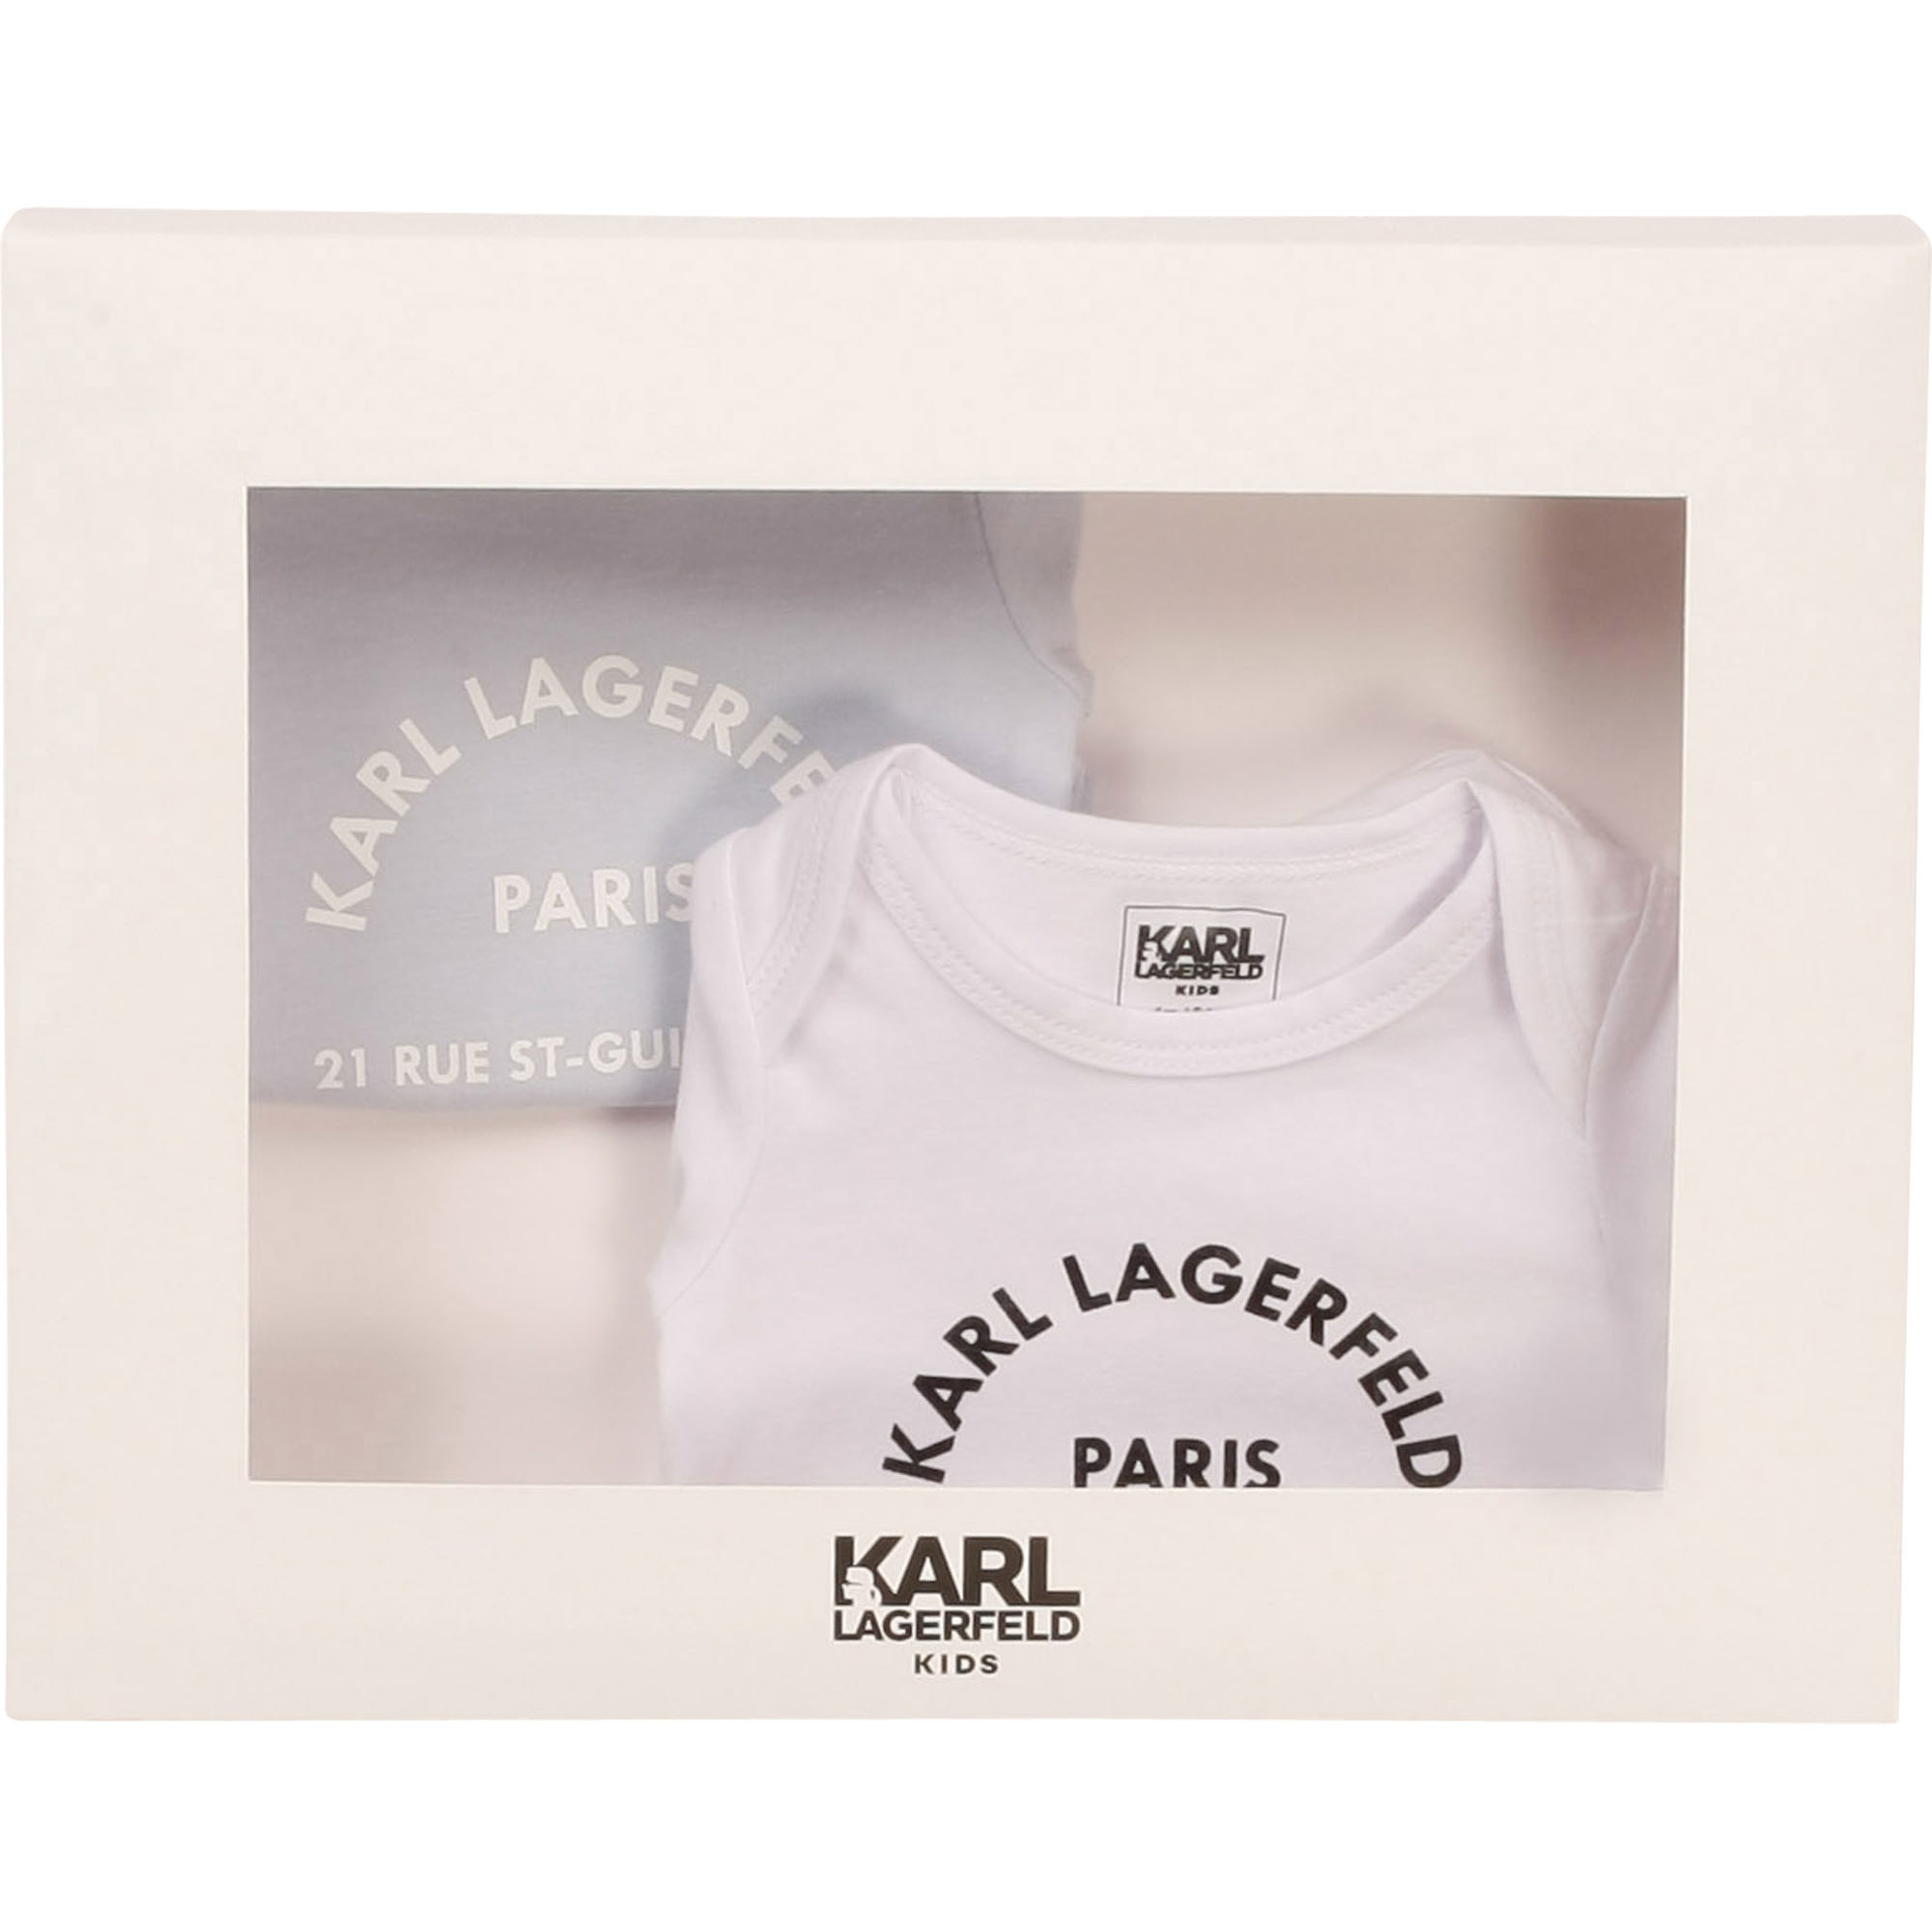 KARL LAGERFEELD KIDS lot de 2 bodies jersey-2